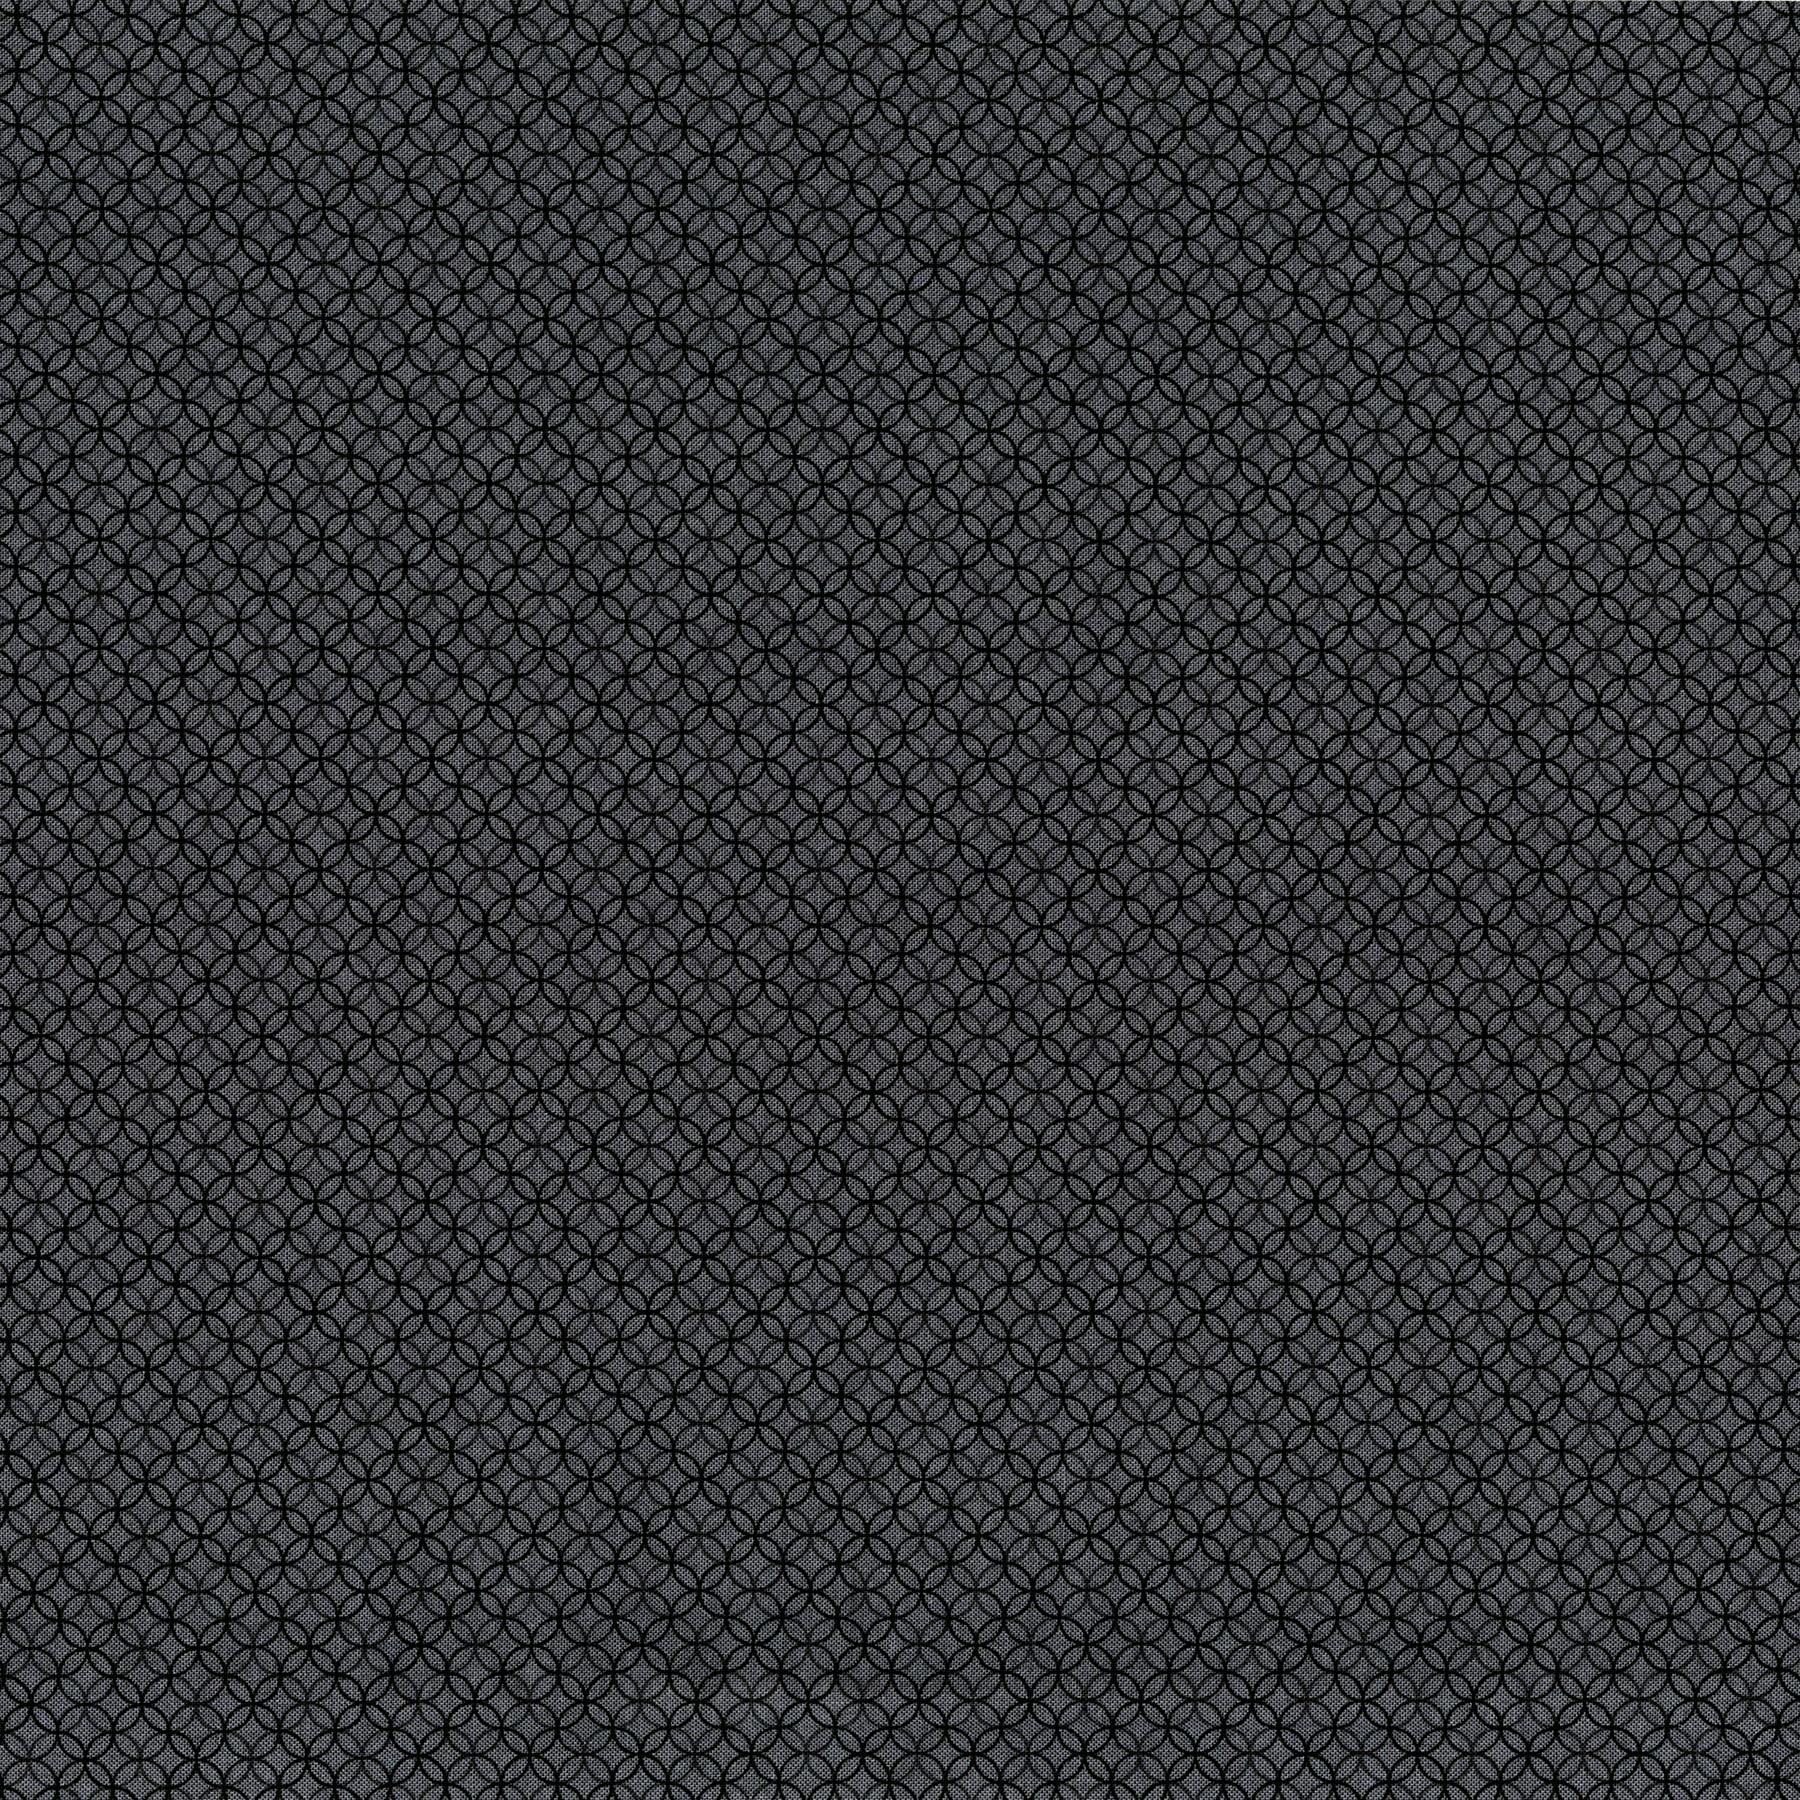 2921-005 ROXBURY - CHARCOAL